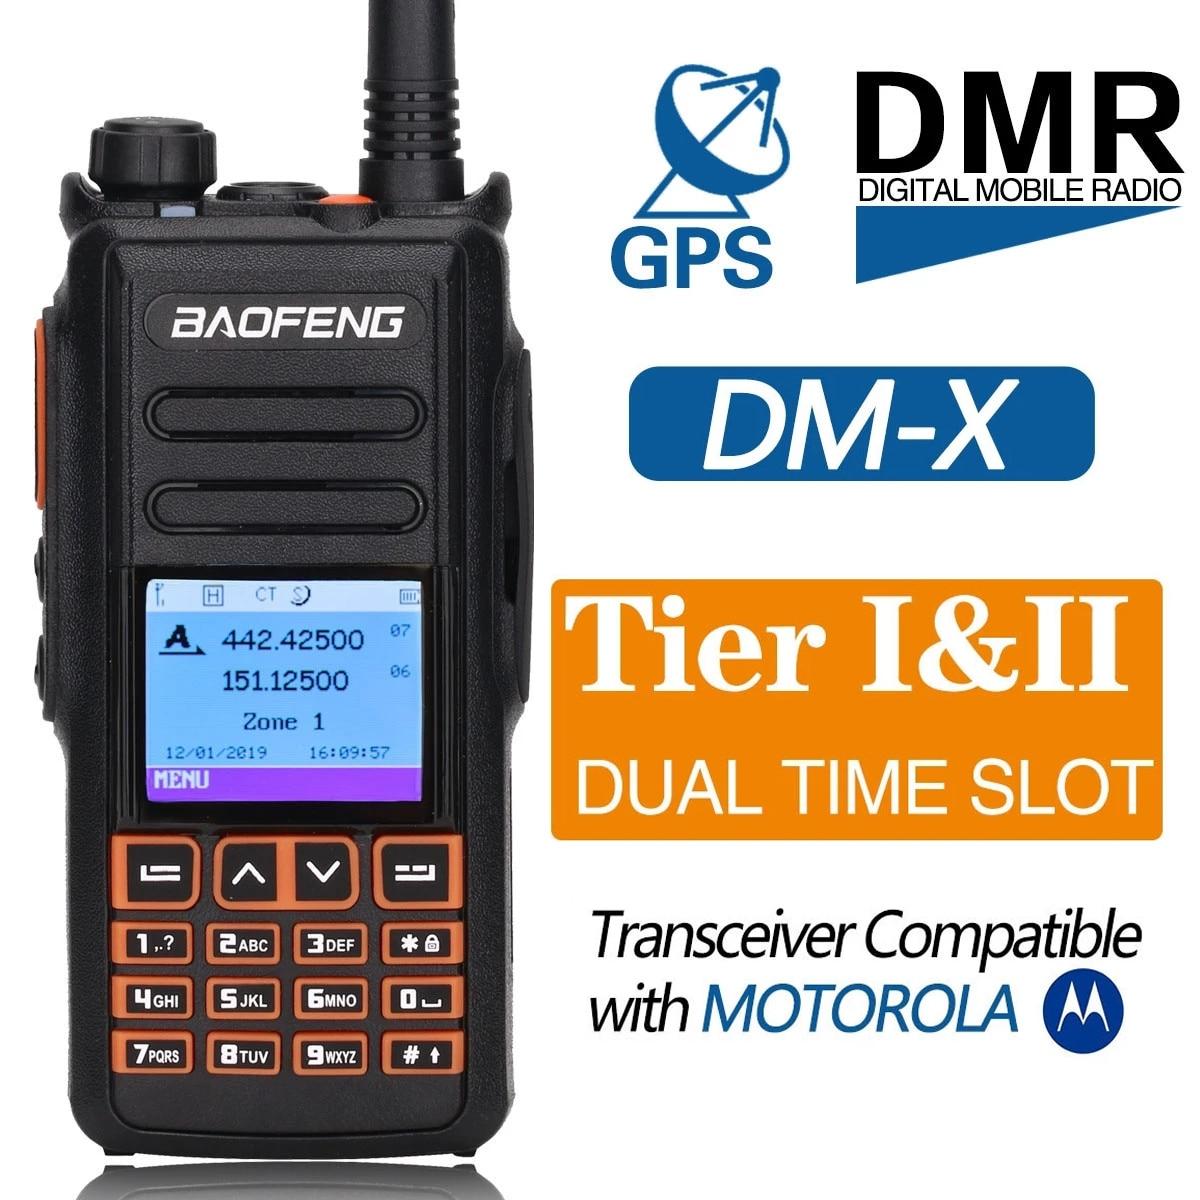 BAOFENG DM-X المزدوج الفرقة DMR الرقمية اسلكية تخاطب مع GPS VHF UHF المزدوج الفرقة الطبقة 1 و 2 هام الهواة هام راديو محطة